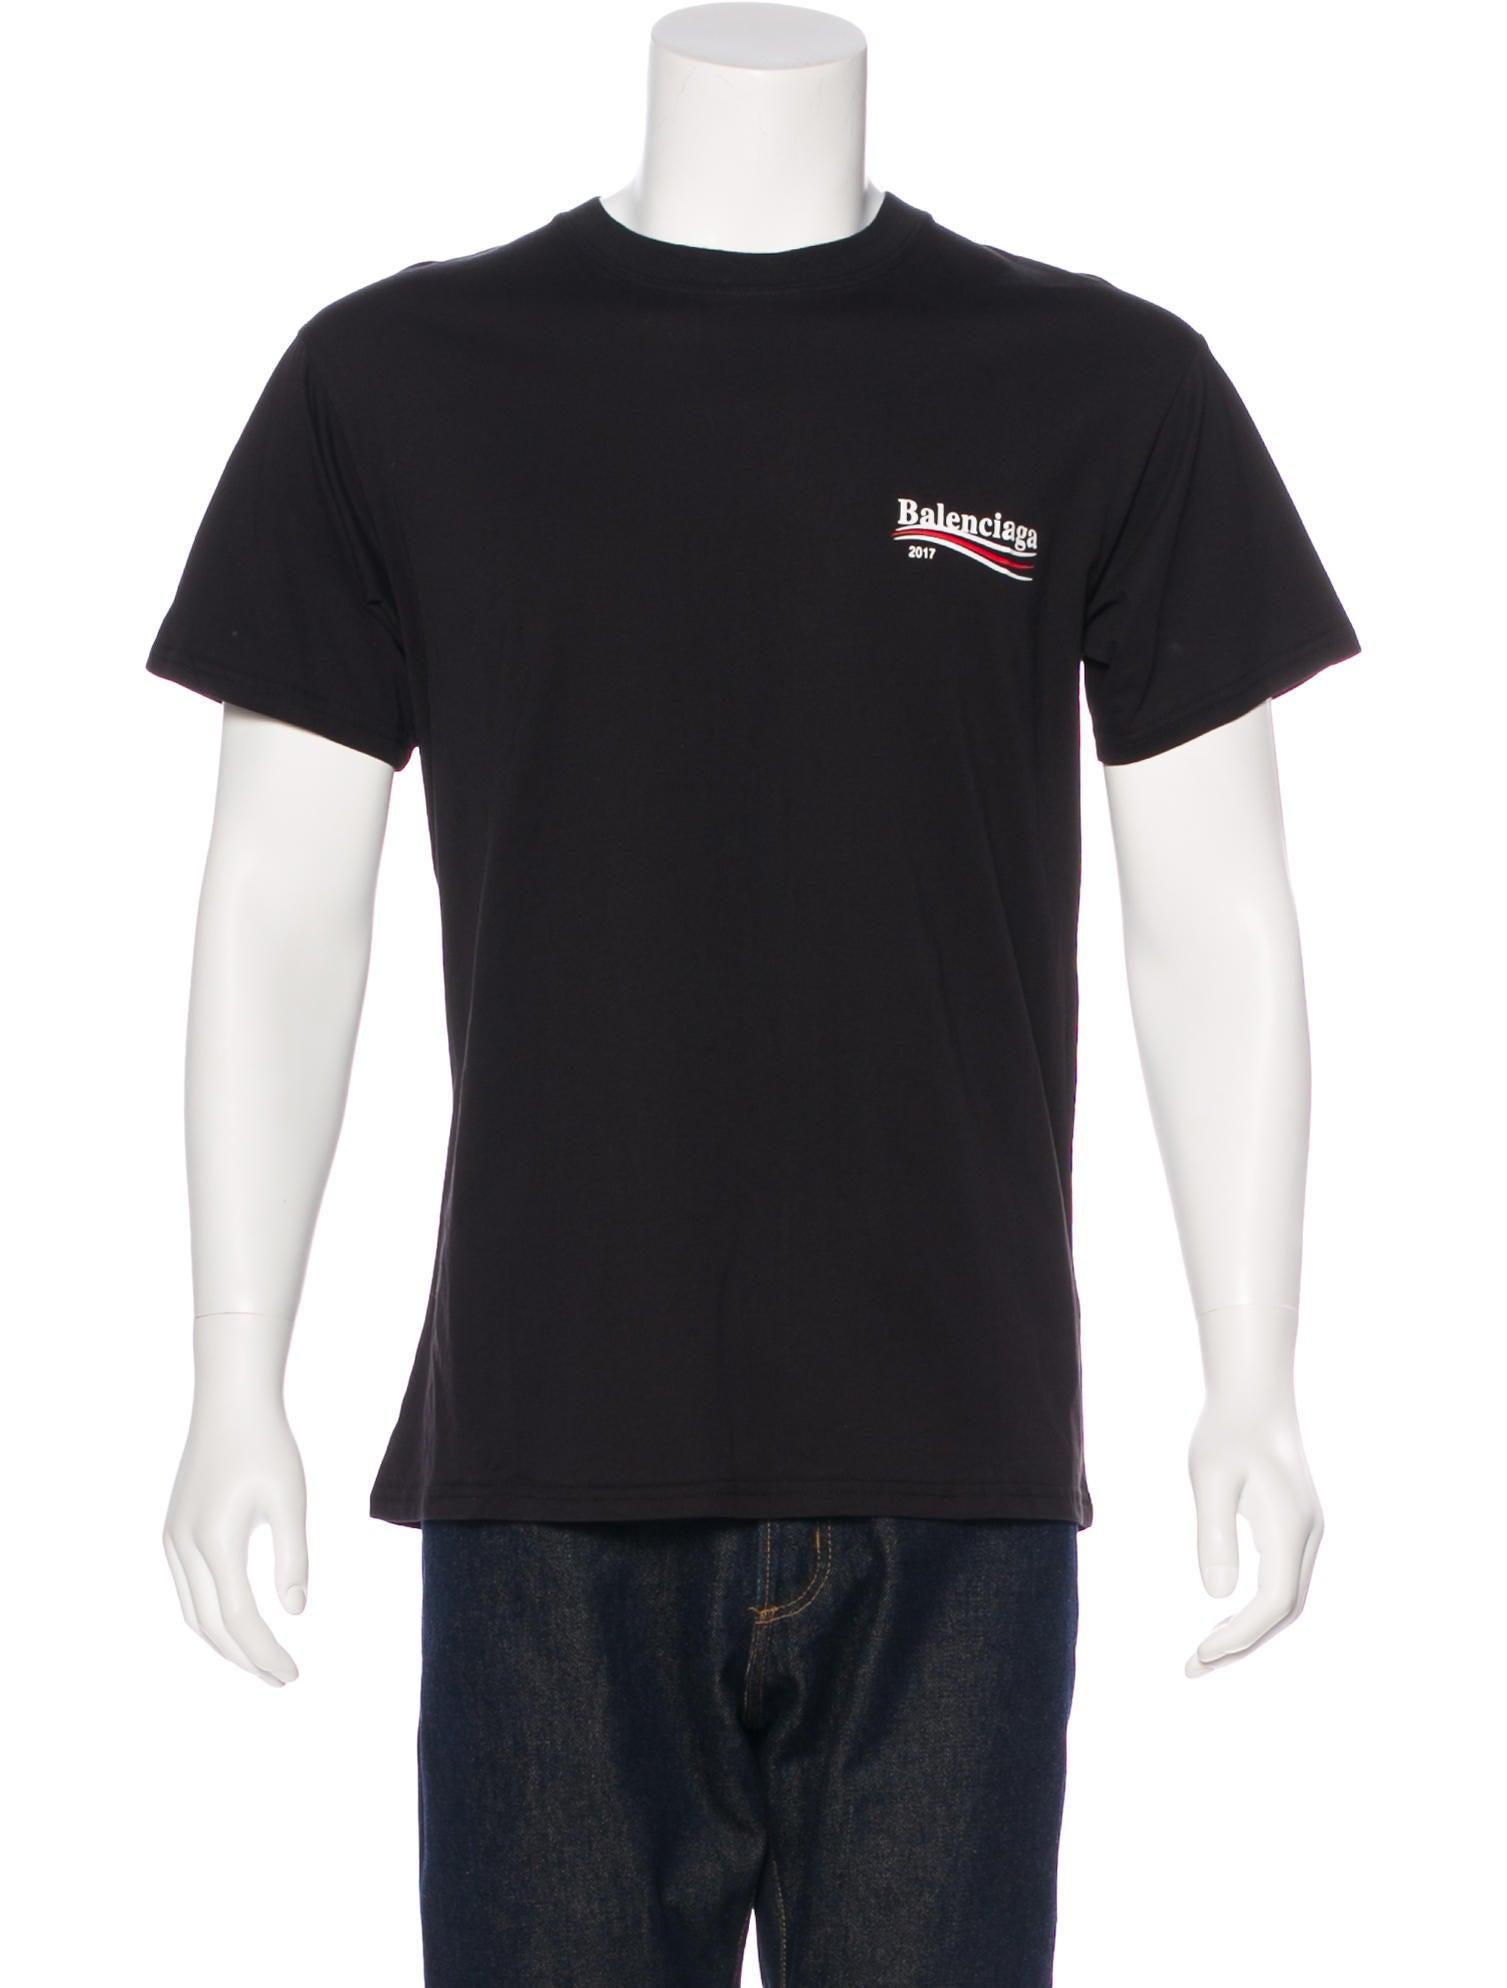 balenciaga tee shirt